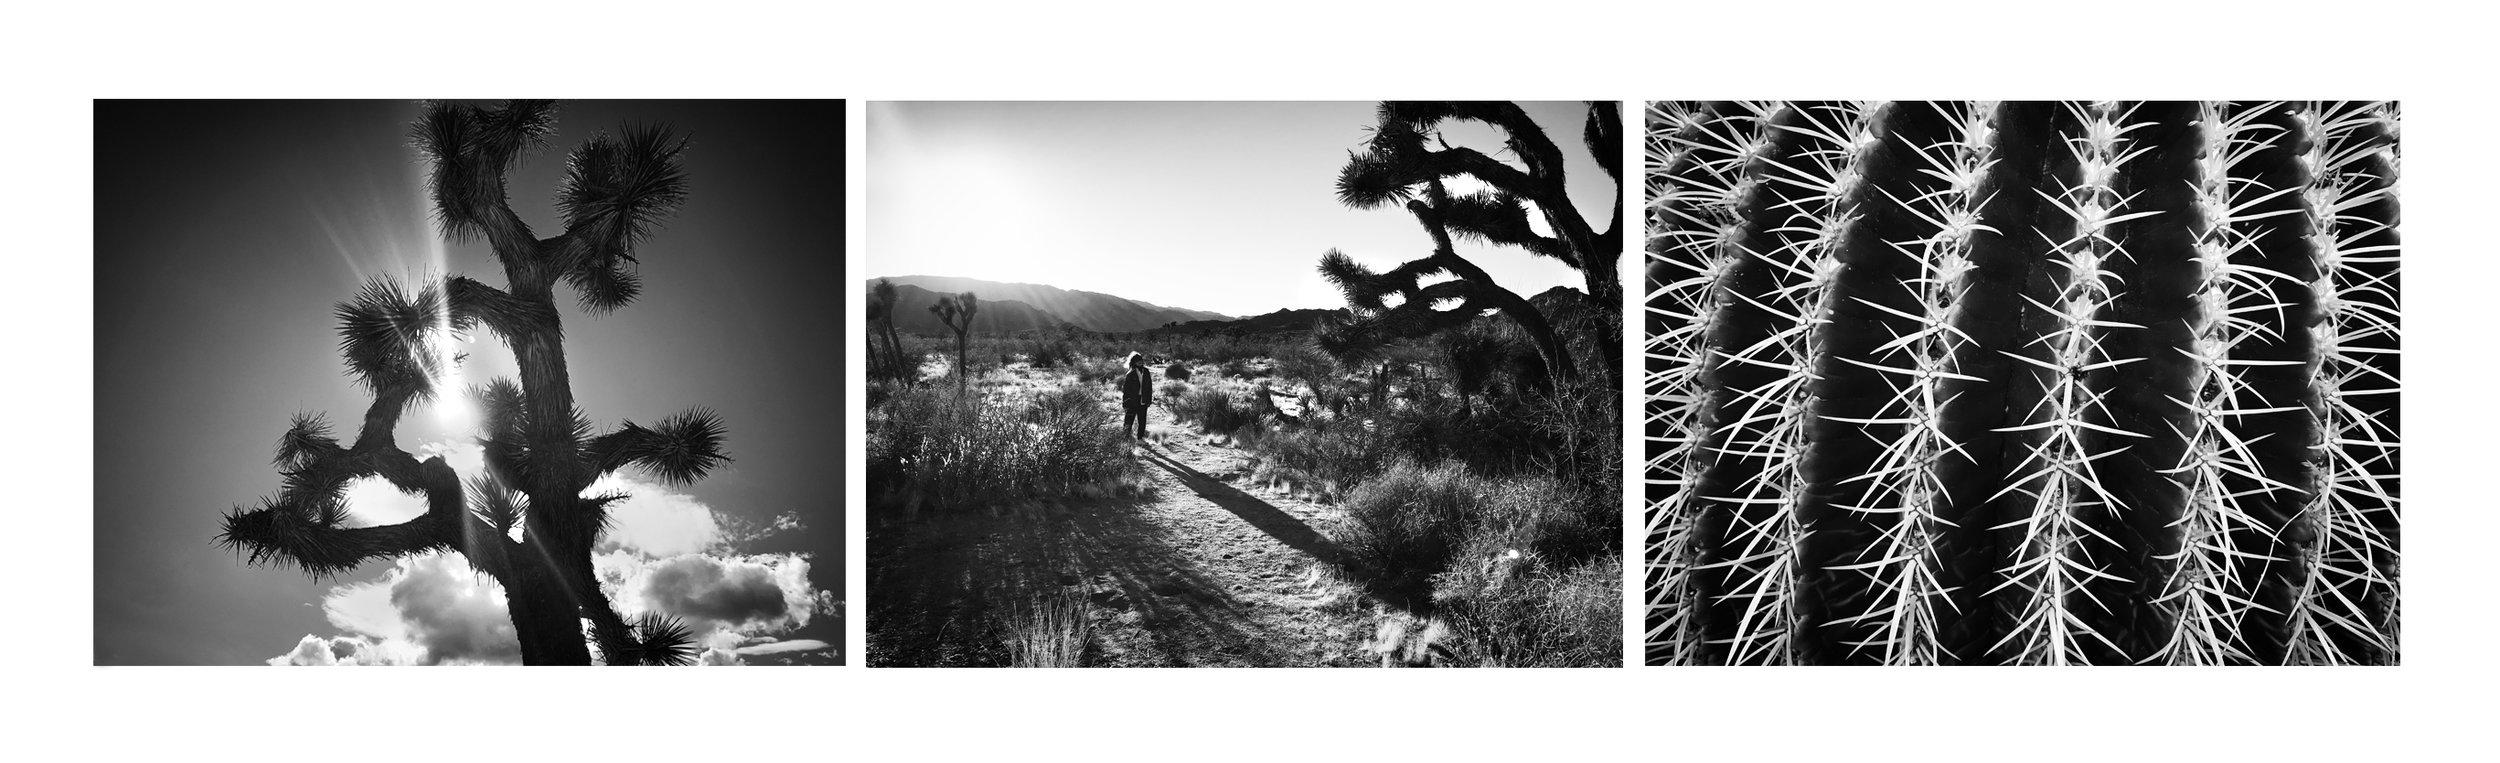 cactus arrnage3.jpg